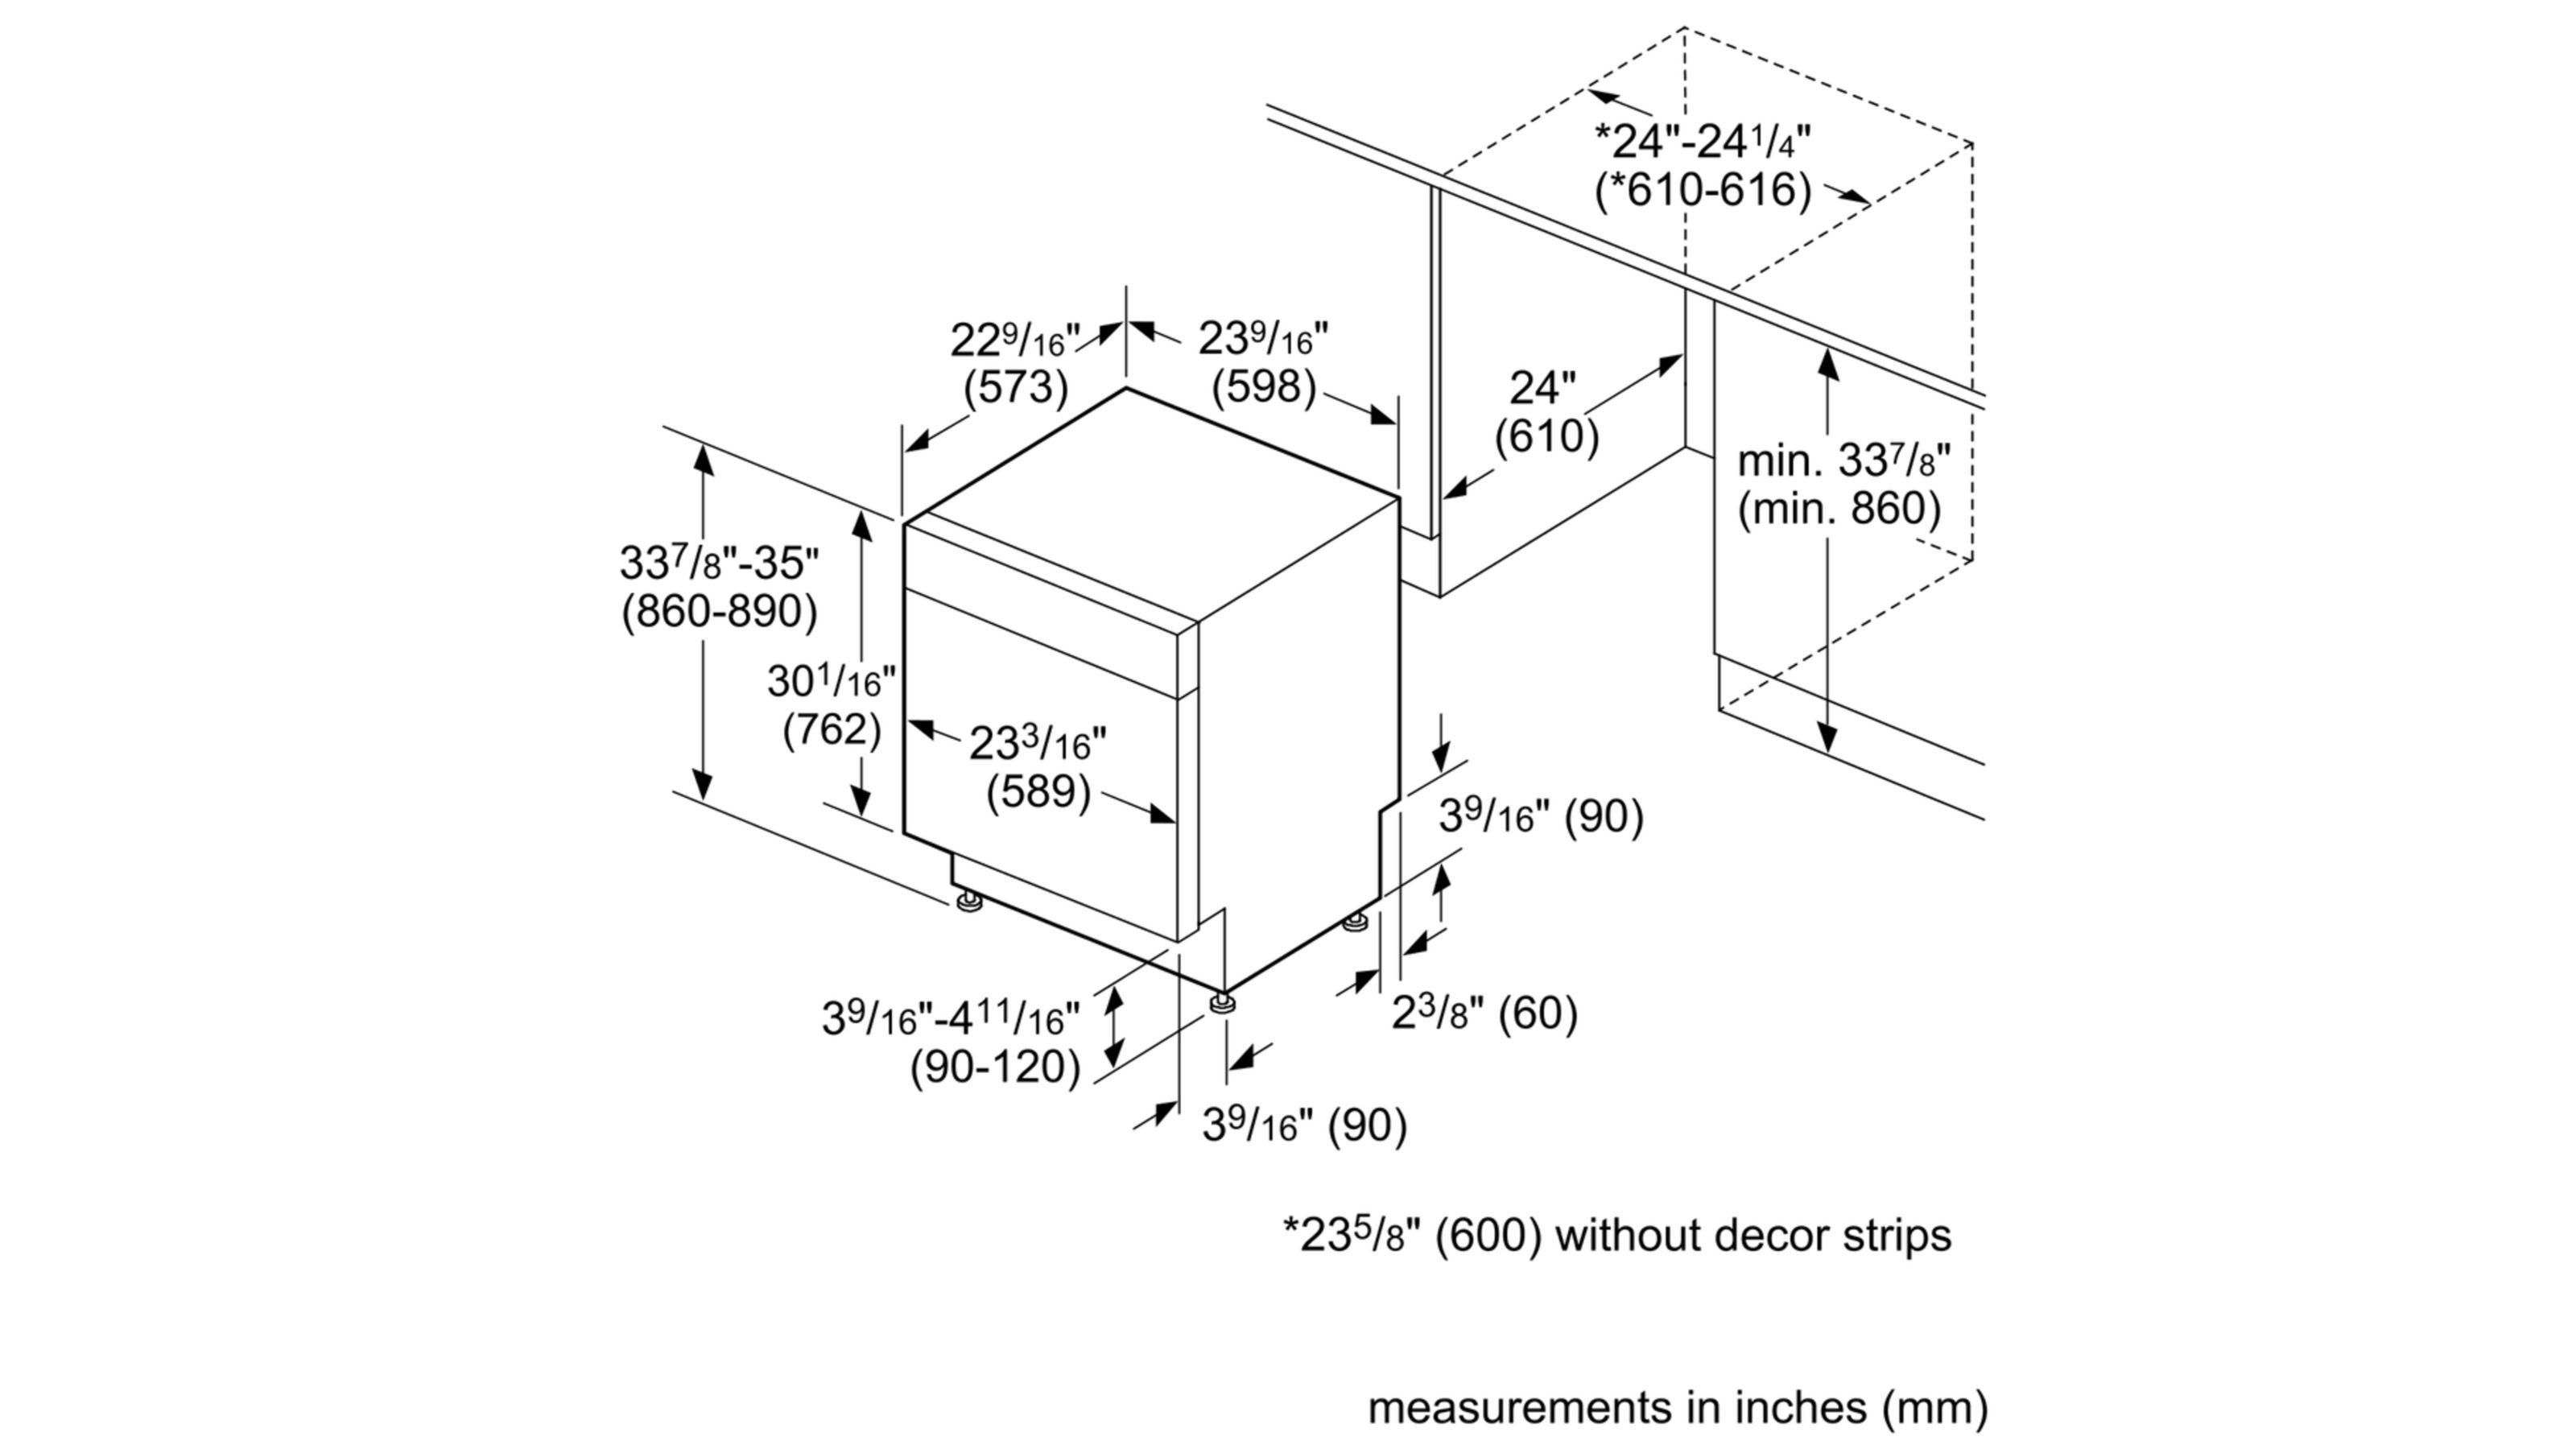 Ascenta®SHX5AV55UCStainless steel